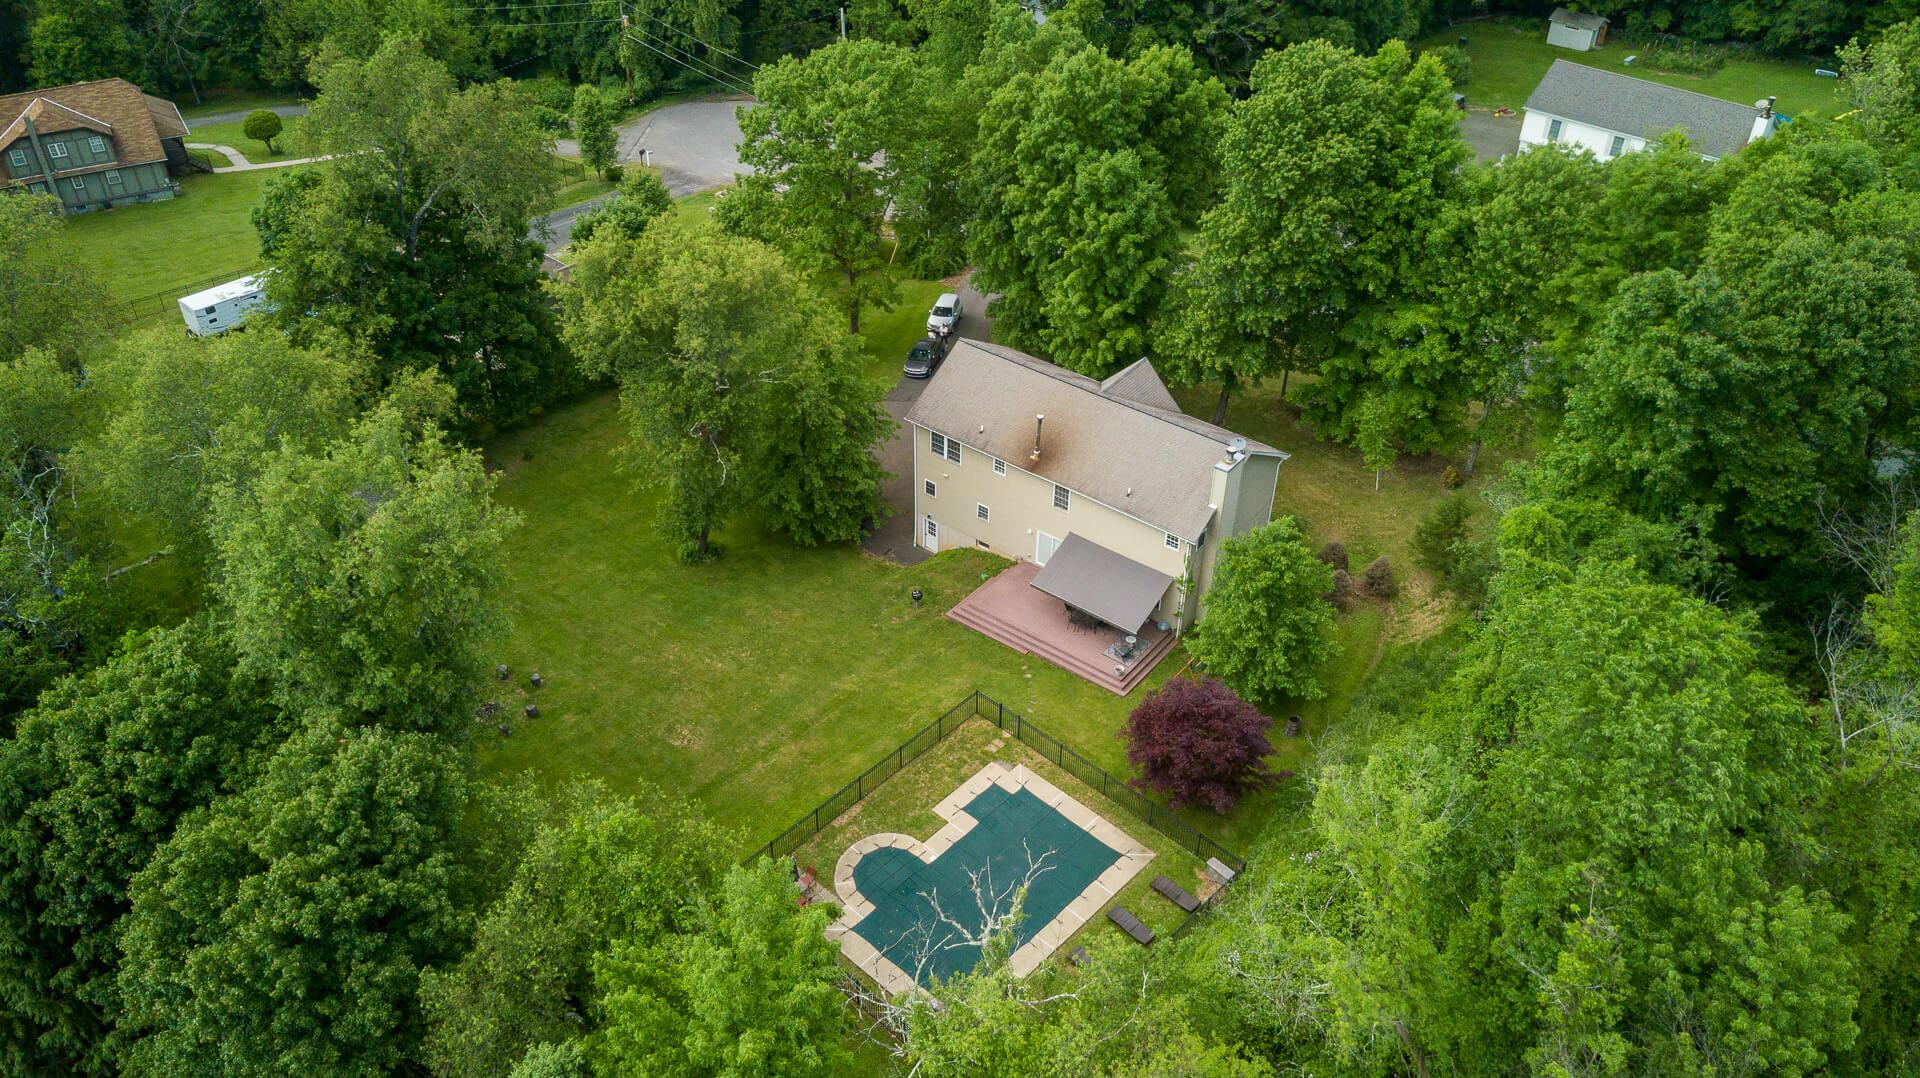 83 Duck Pond Road - Aerials-3.jpg